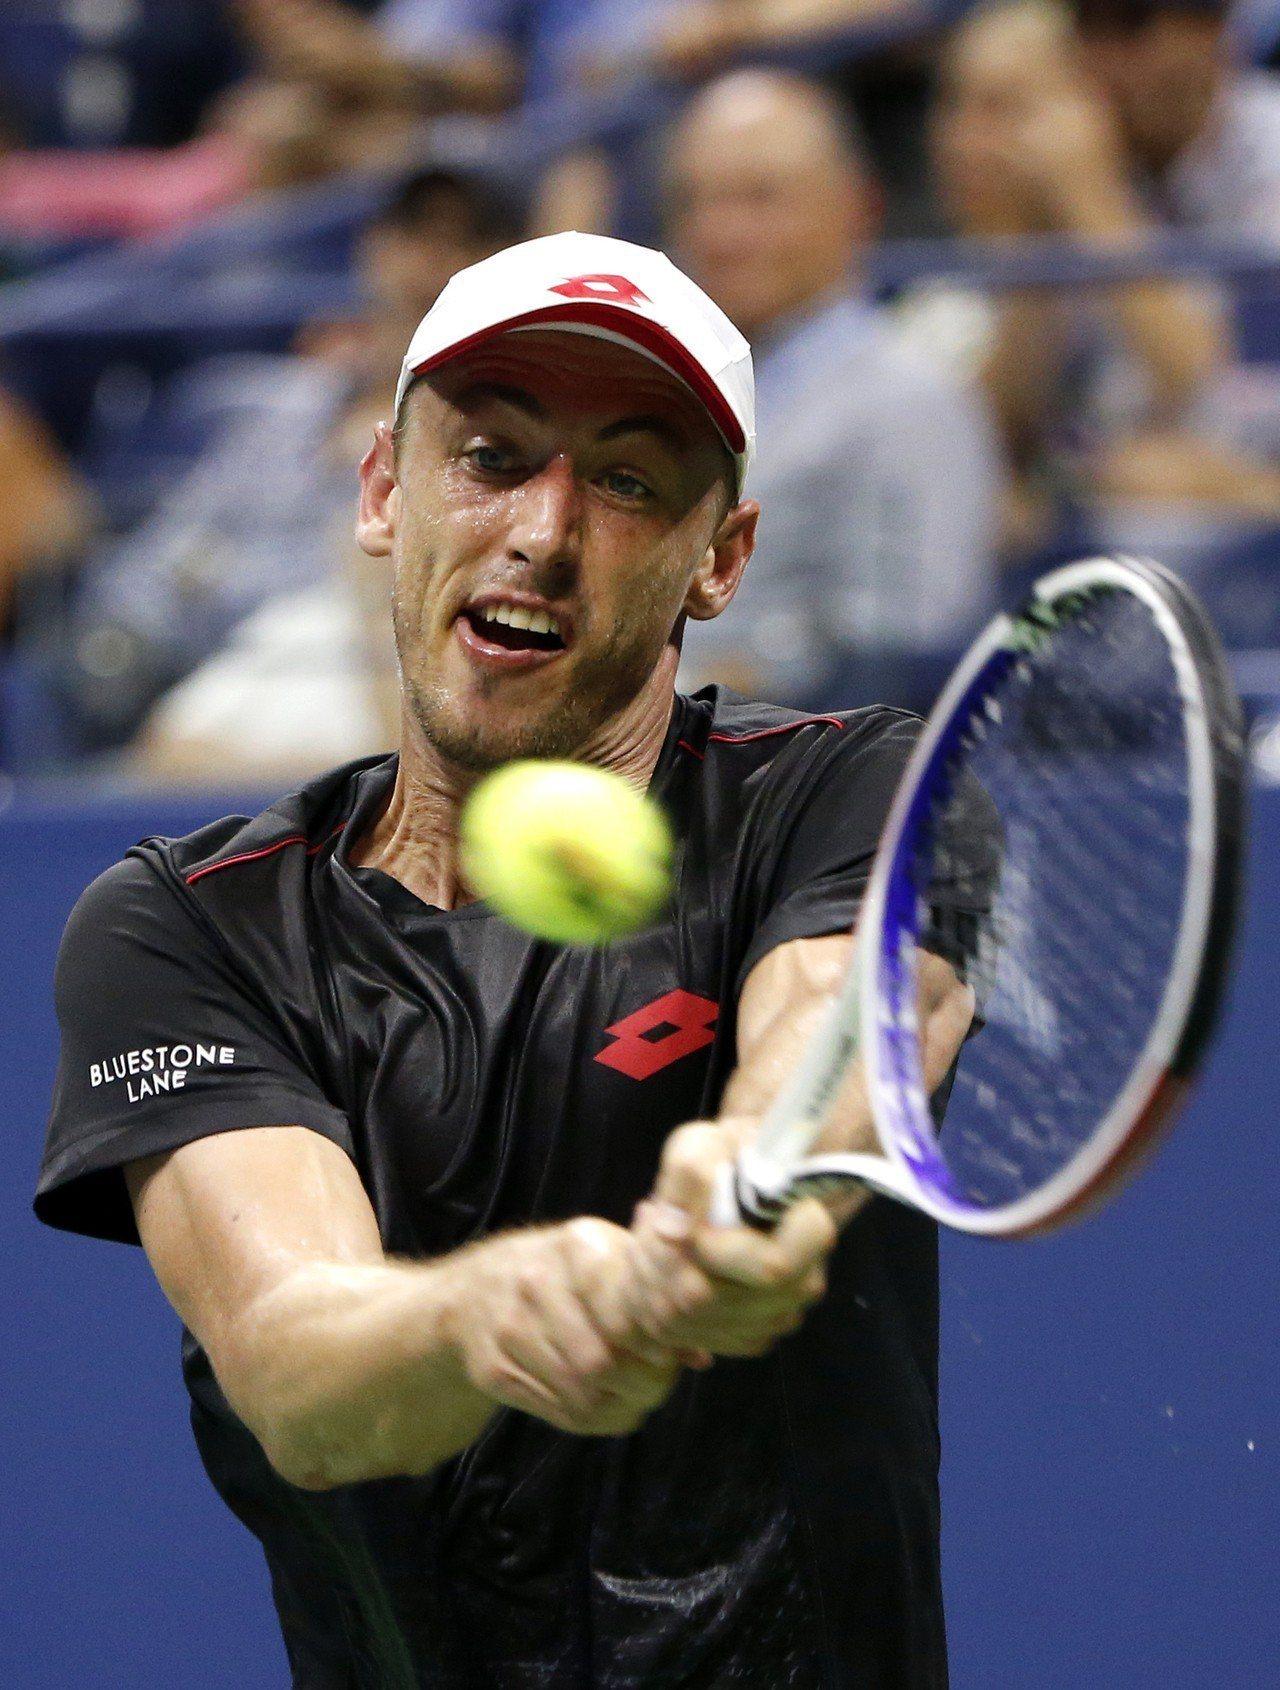 澳洲網球選手米爾曼(圖),4日在美國網球公開賽中擊敗費德瑞而一戰成名。 美聯社